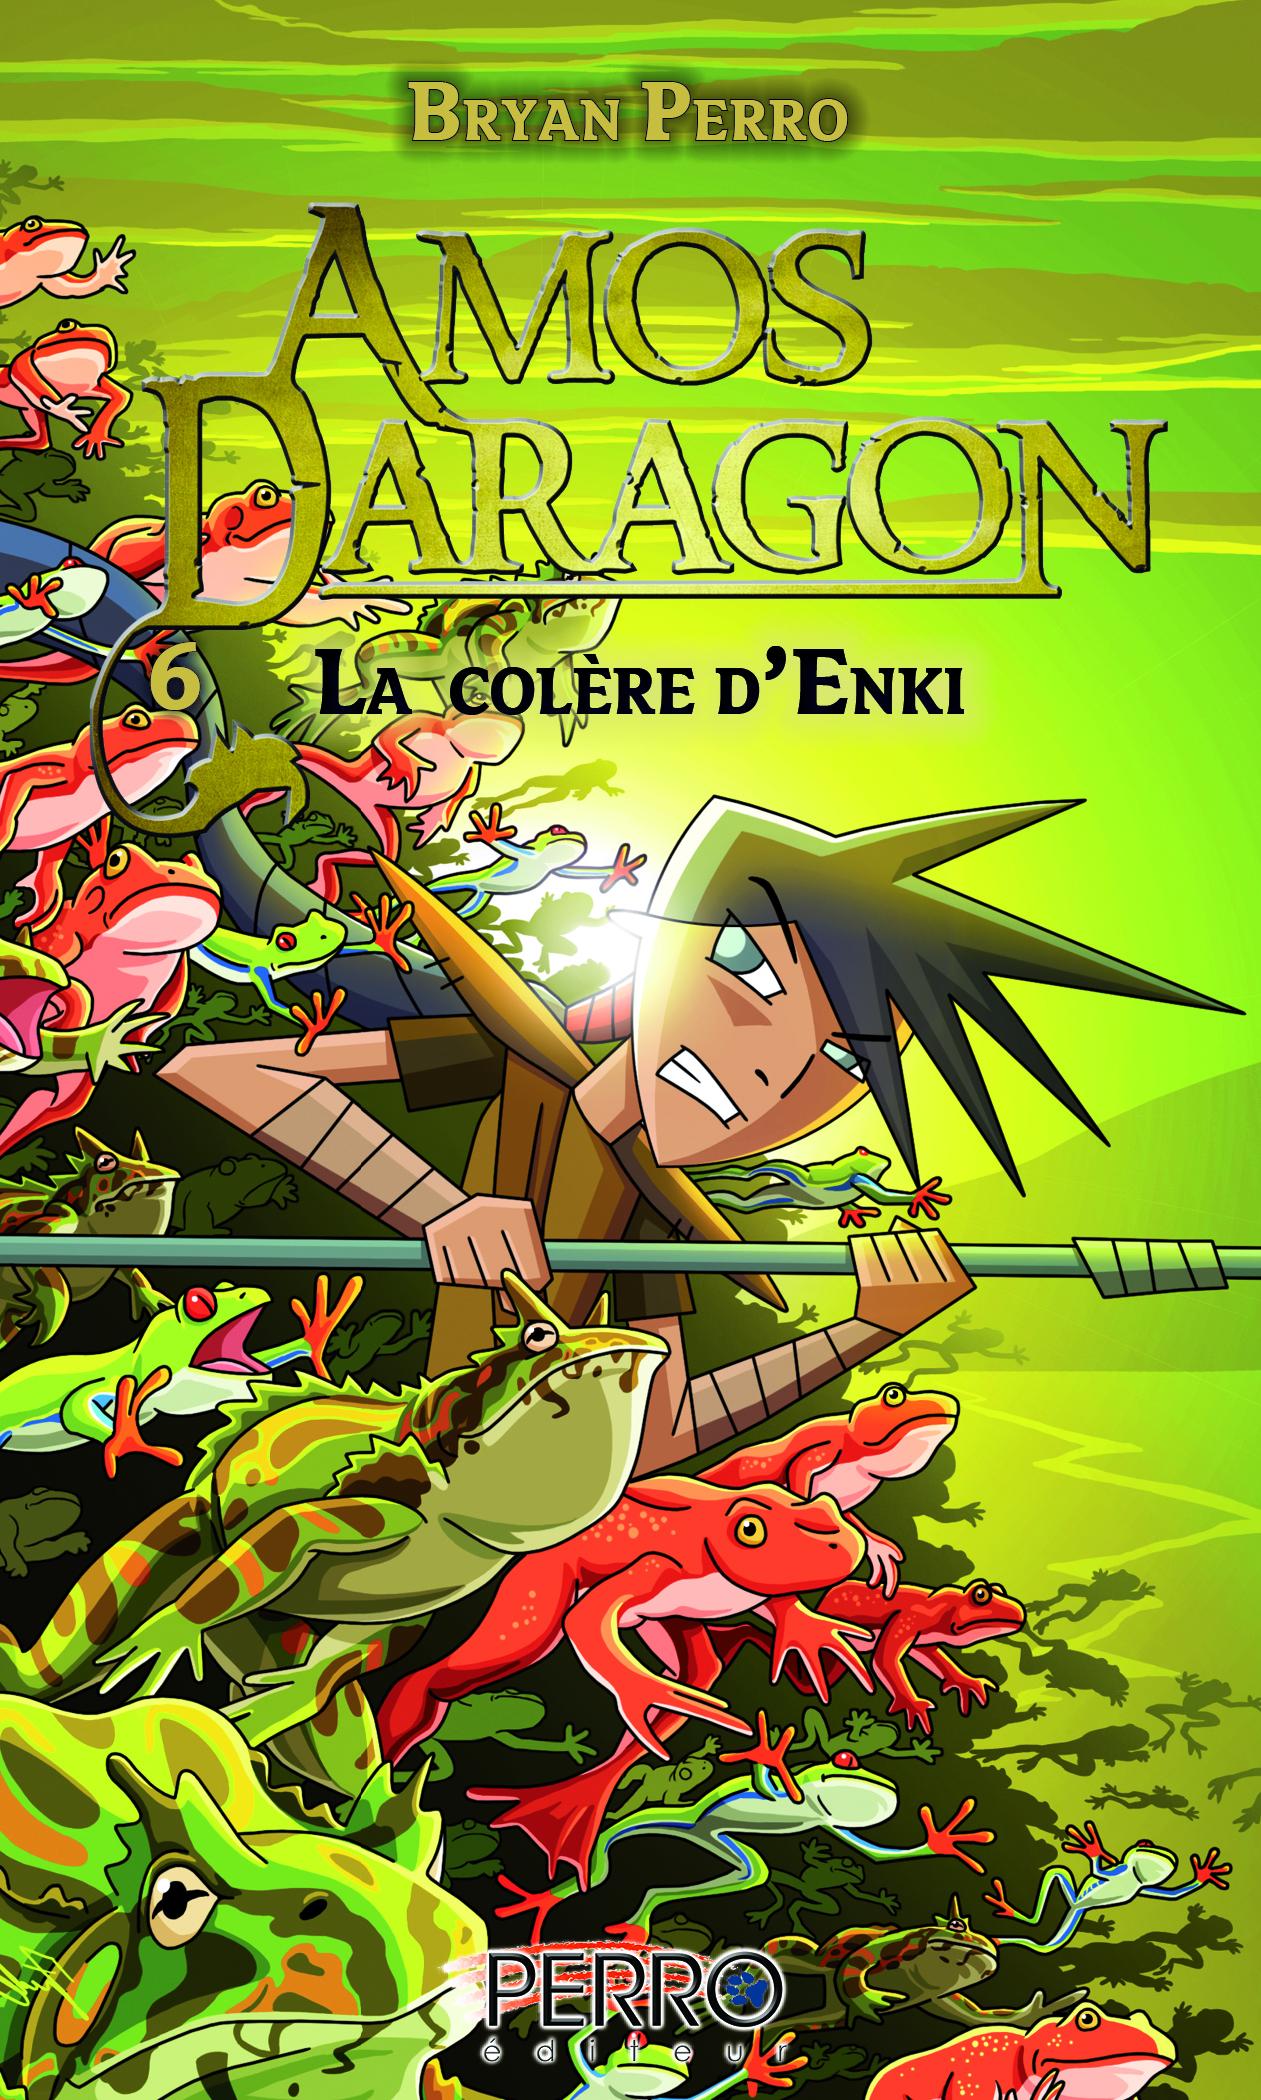 Amos Daragon (6) La colère d'Enki